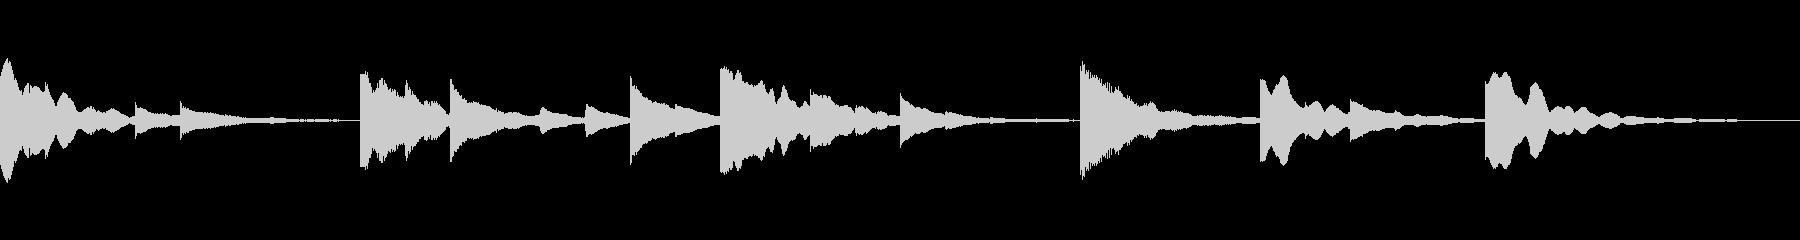 シンプルなピアノのジングルです。の未再生の波形